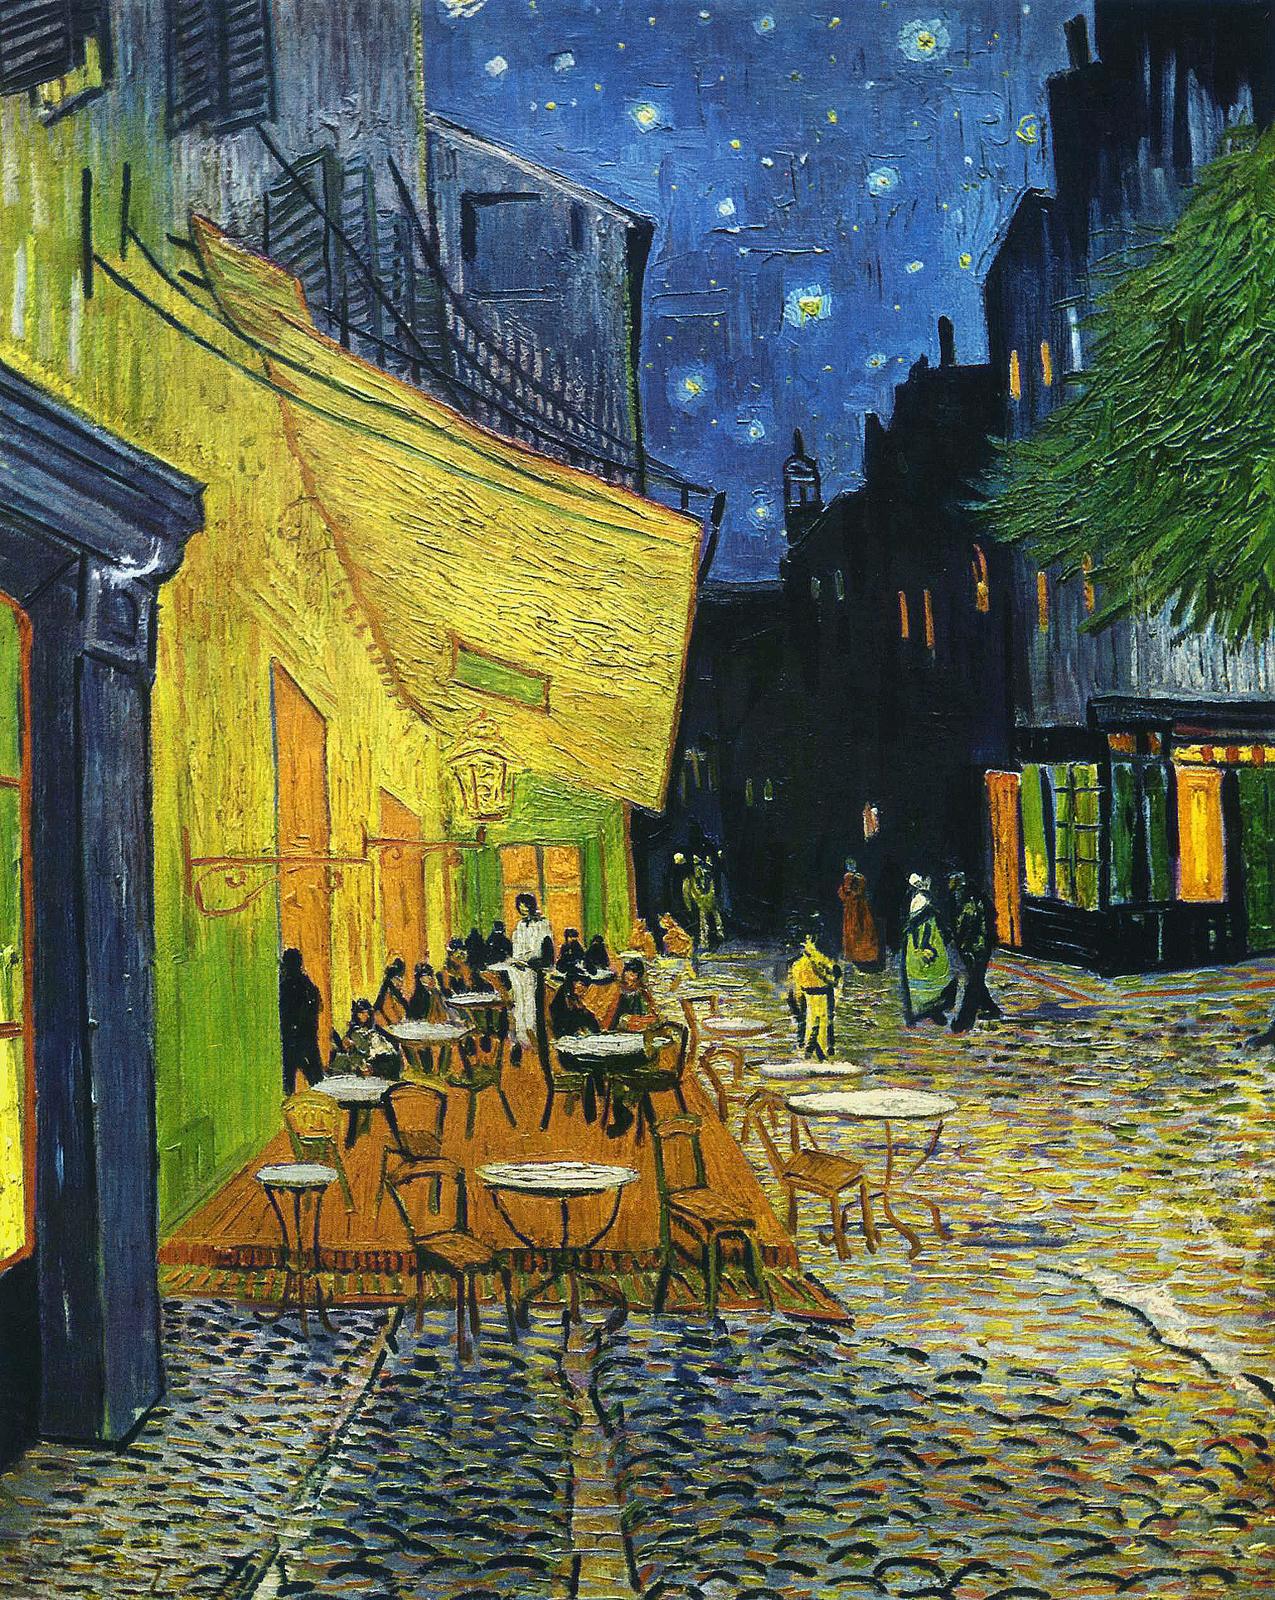 梵谷,《阿爾勒論壇廣場的夜晚露天咖啡座》,1888。